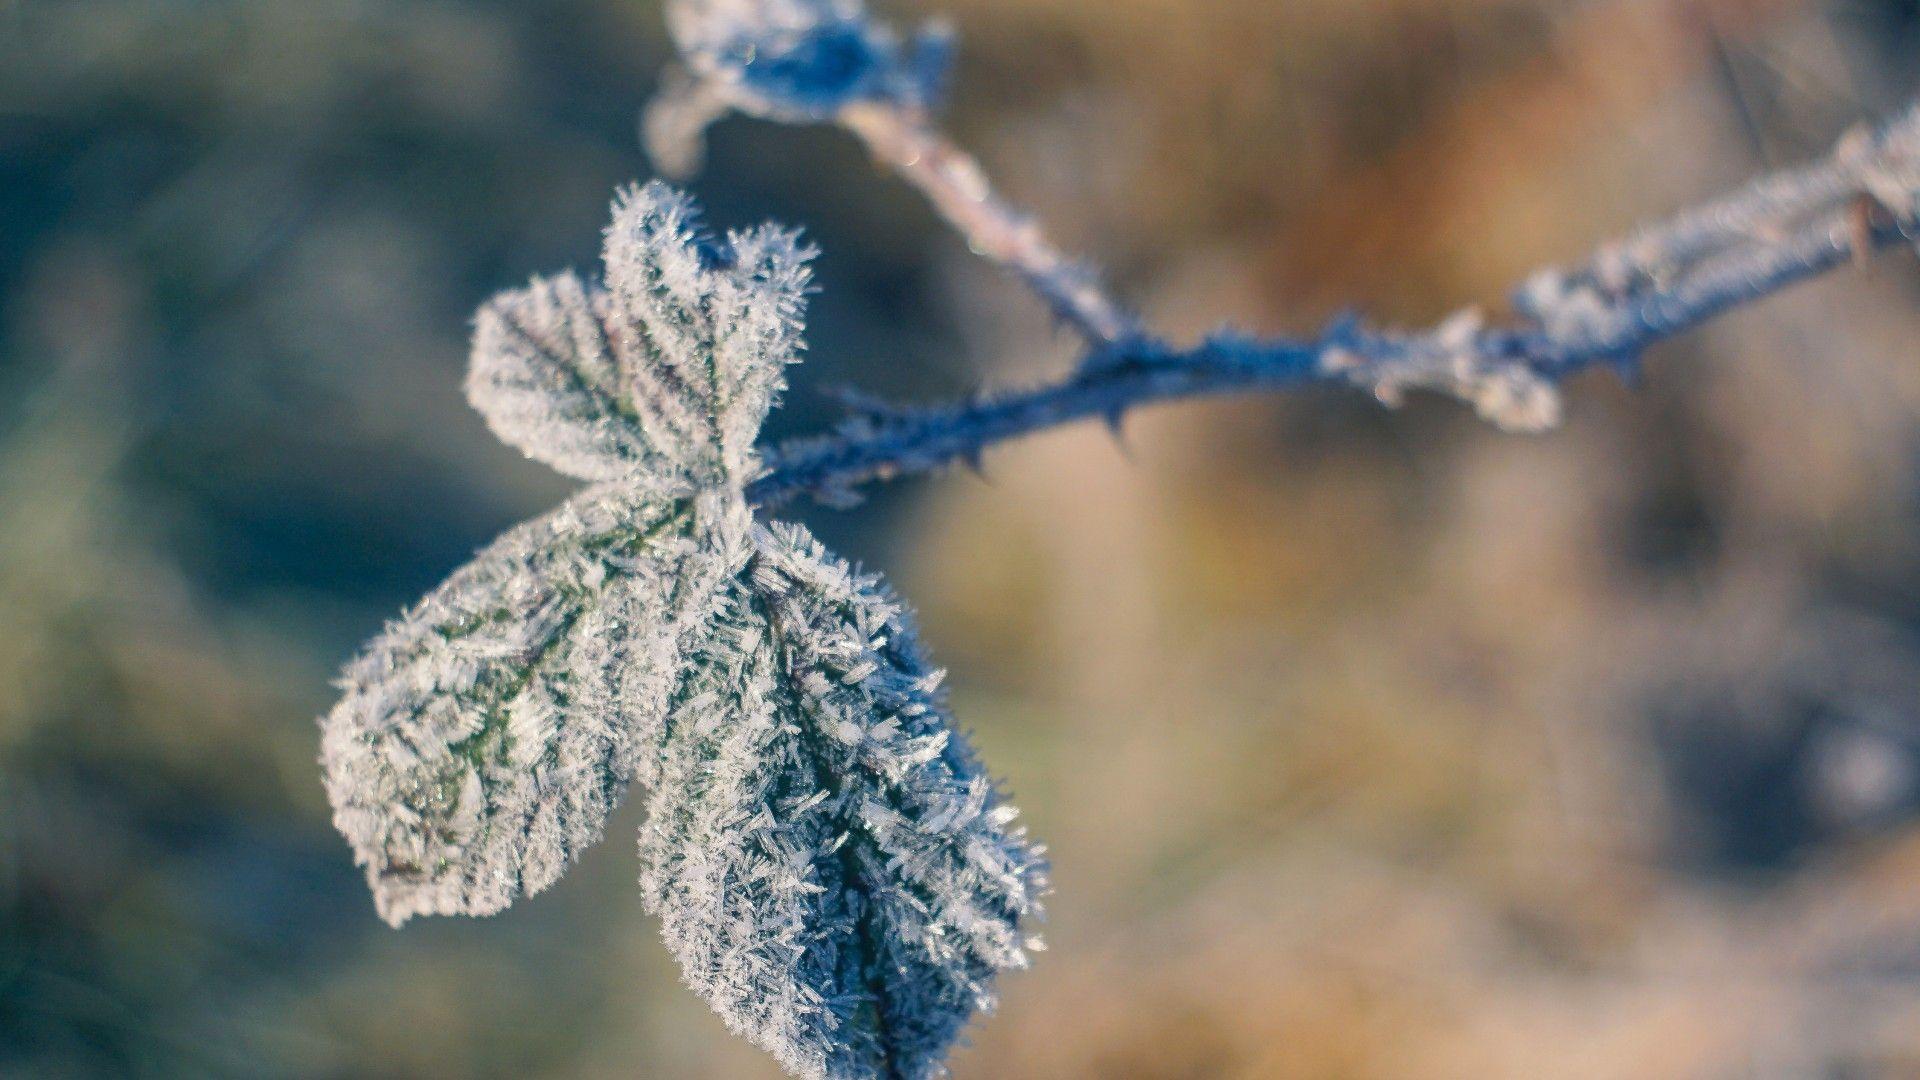 Macro Winter 1080p Wallpaper